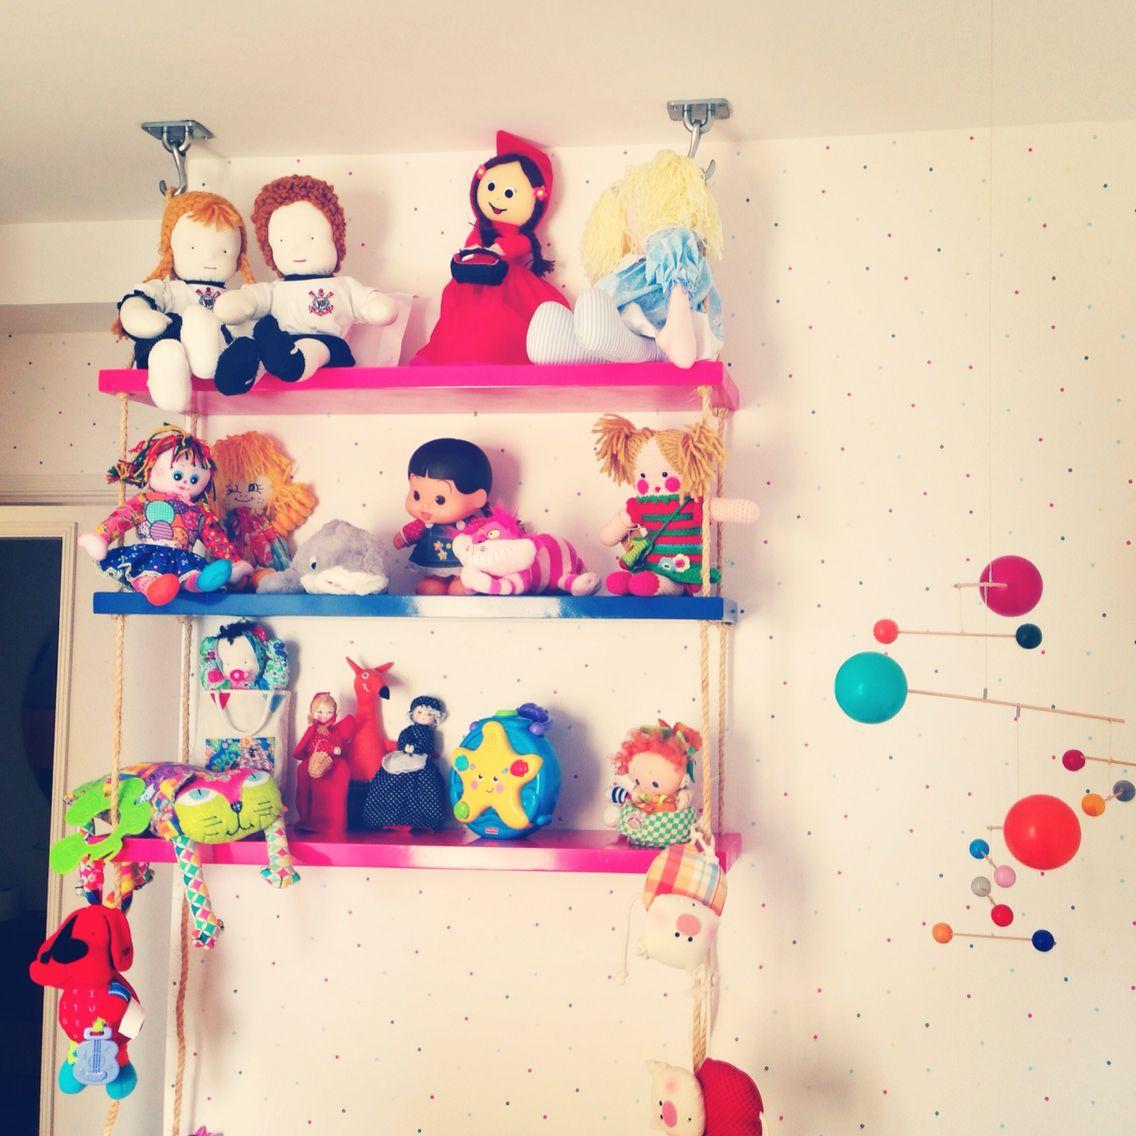 Balan O De Brinquedos Prateleira Pendurada No Teto Com Cordas  ~ Prateleira Em Quarto Infantil E Parede De Pvc Para Quarto